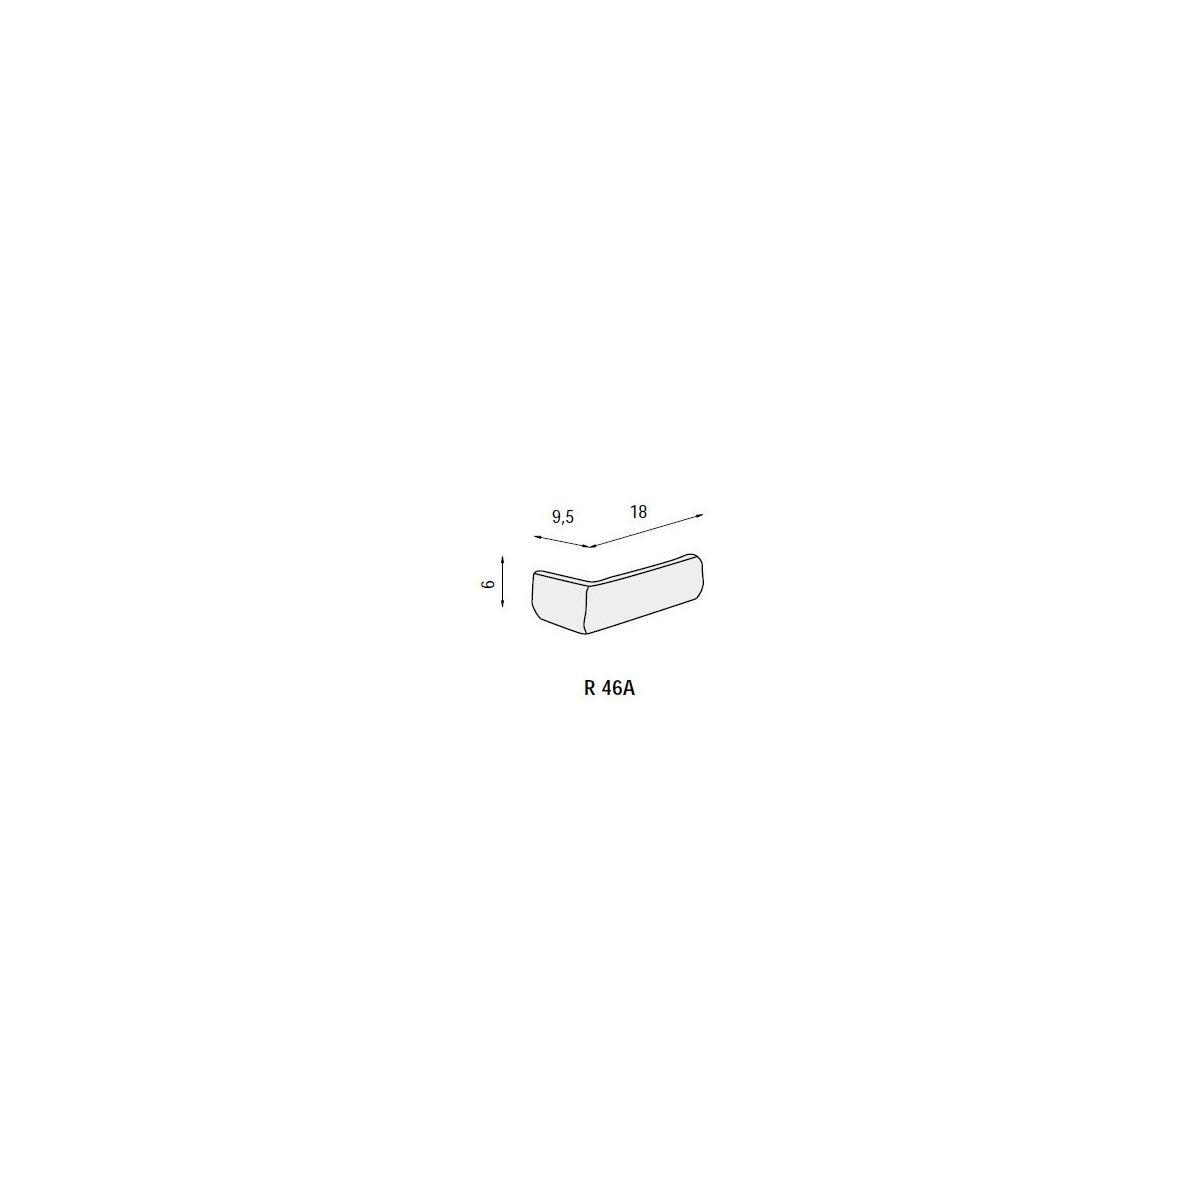 Revesti-Mur Plaqueta ángulo R46 Londres (Caja 1.6ml)